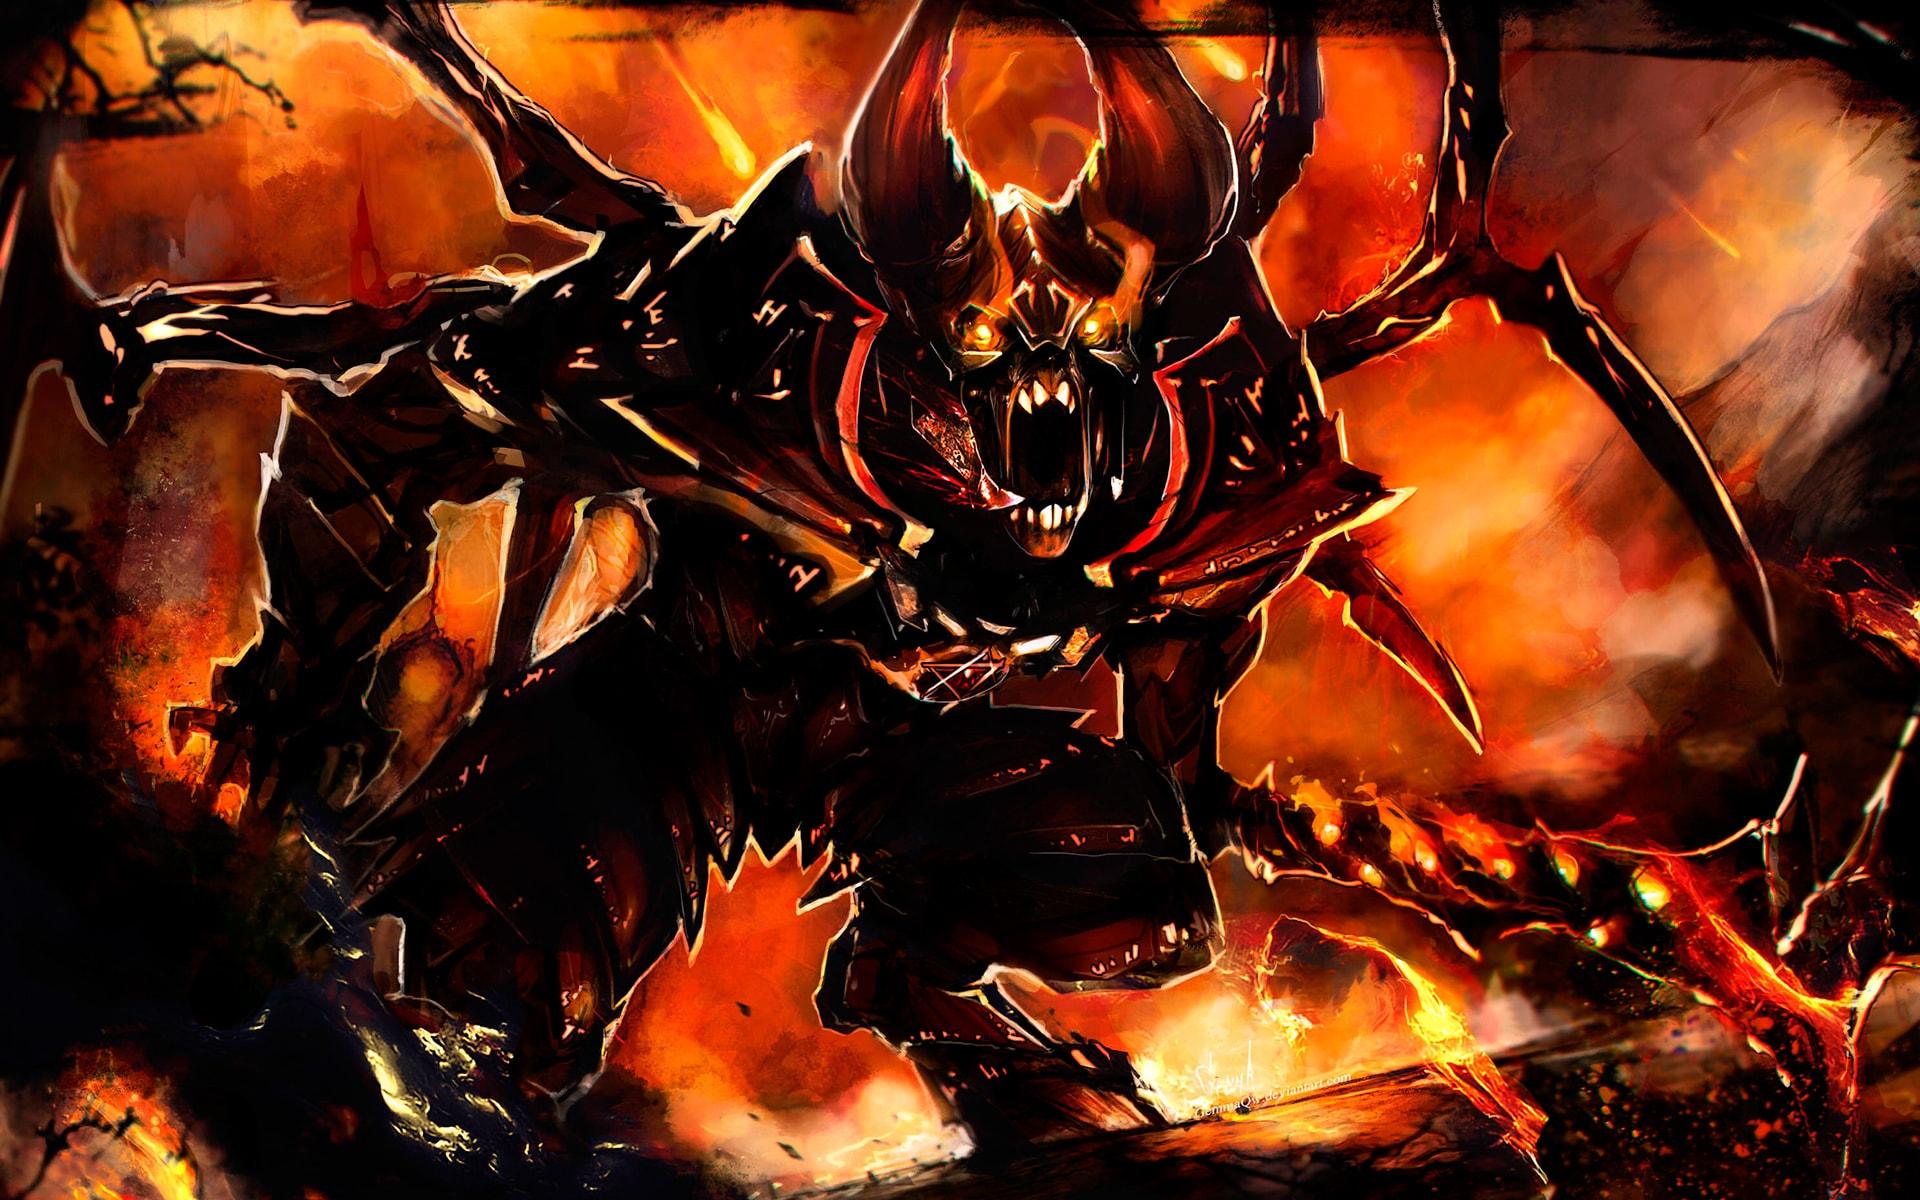 Dota2 : Doom Wide wallpapers